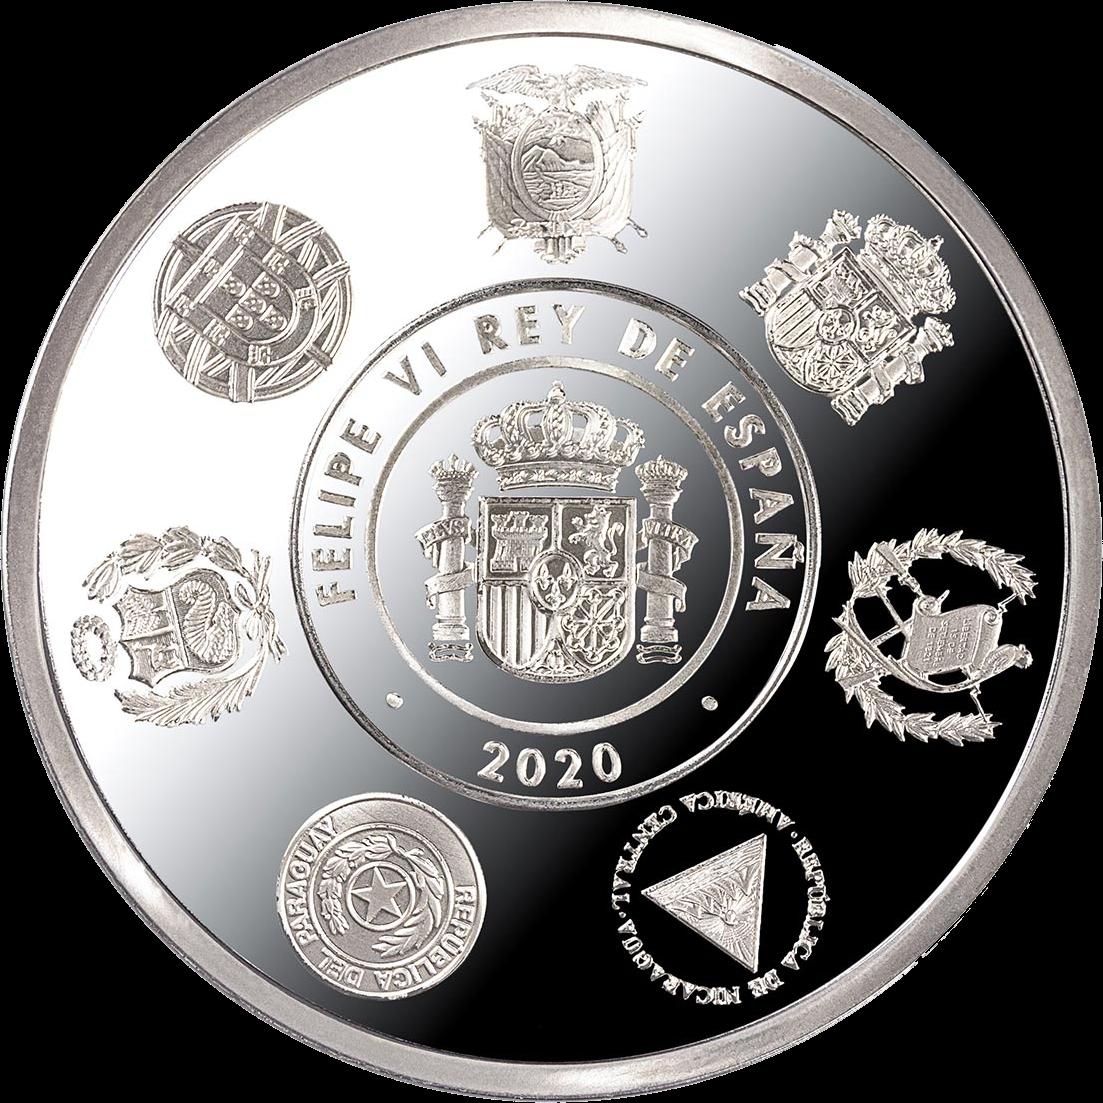 Испания монета 5 евро 12-я иберо-американская серия, аверс